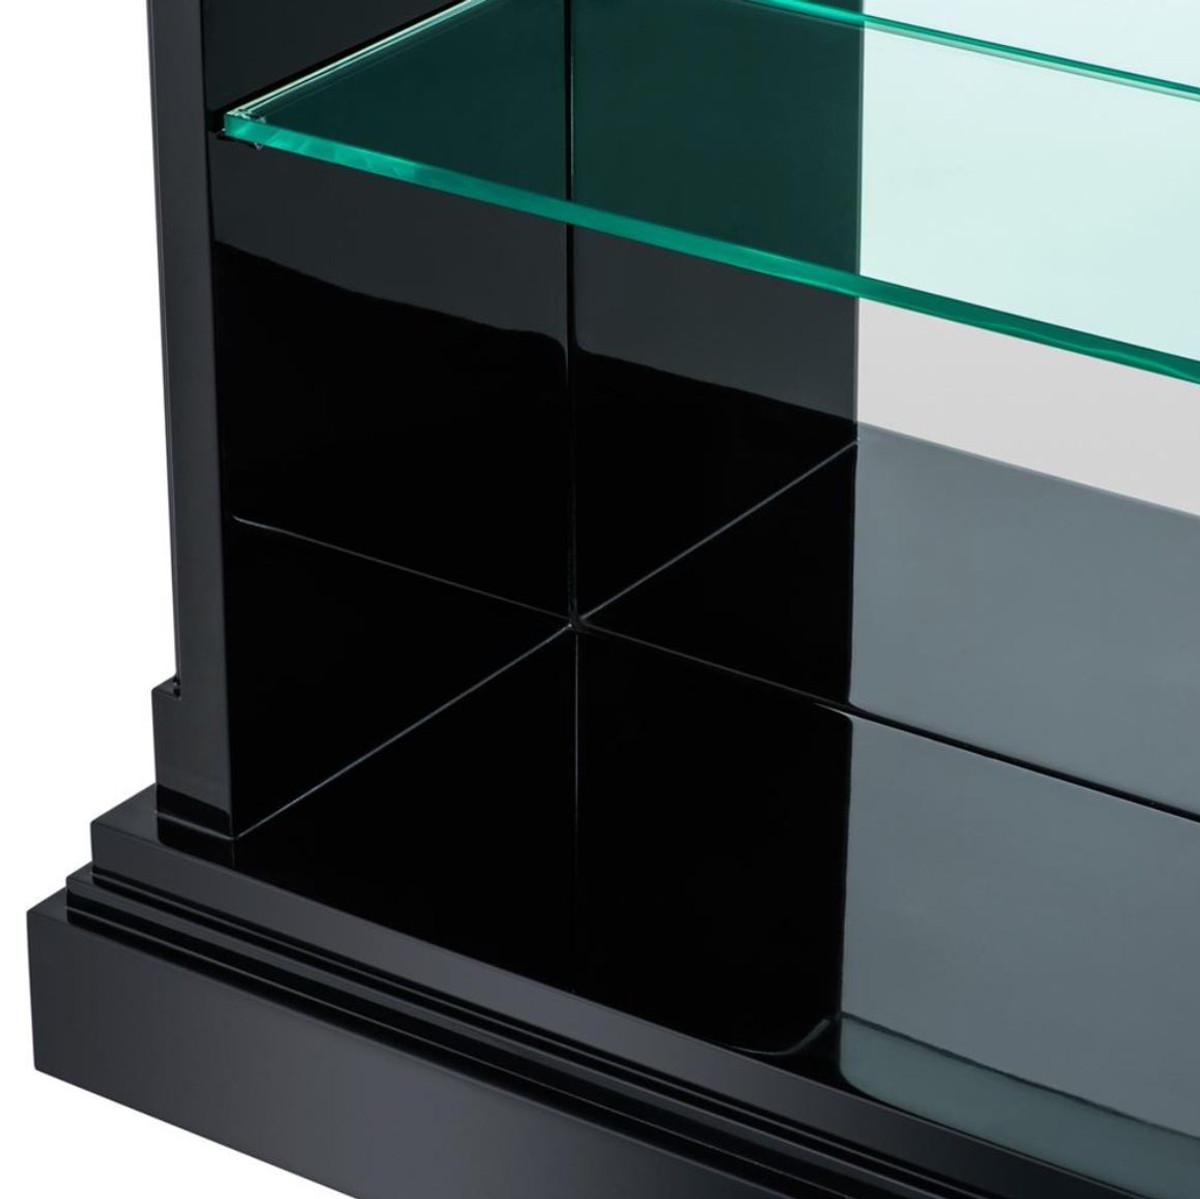 casa padrino luxus regalschrank  wohnzimmerschrank piano